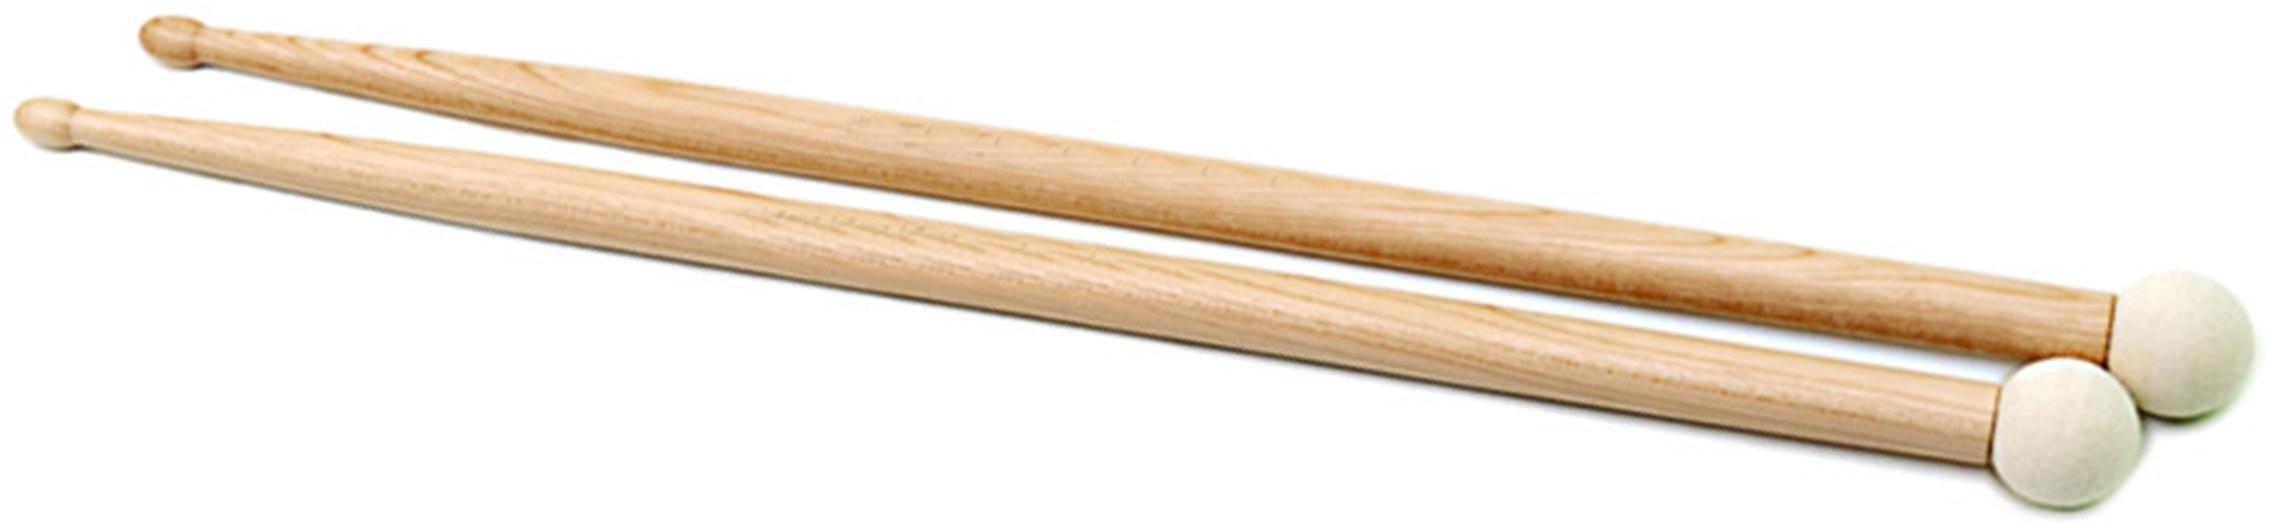 Rosetti Kombi Stick